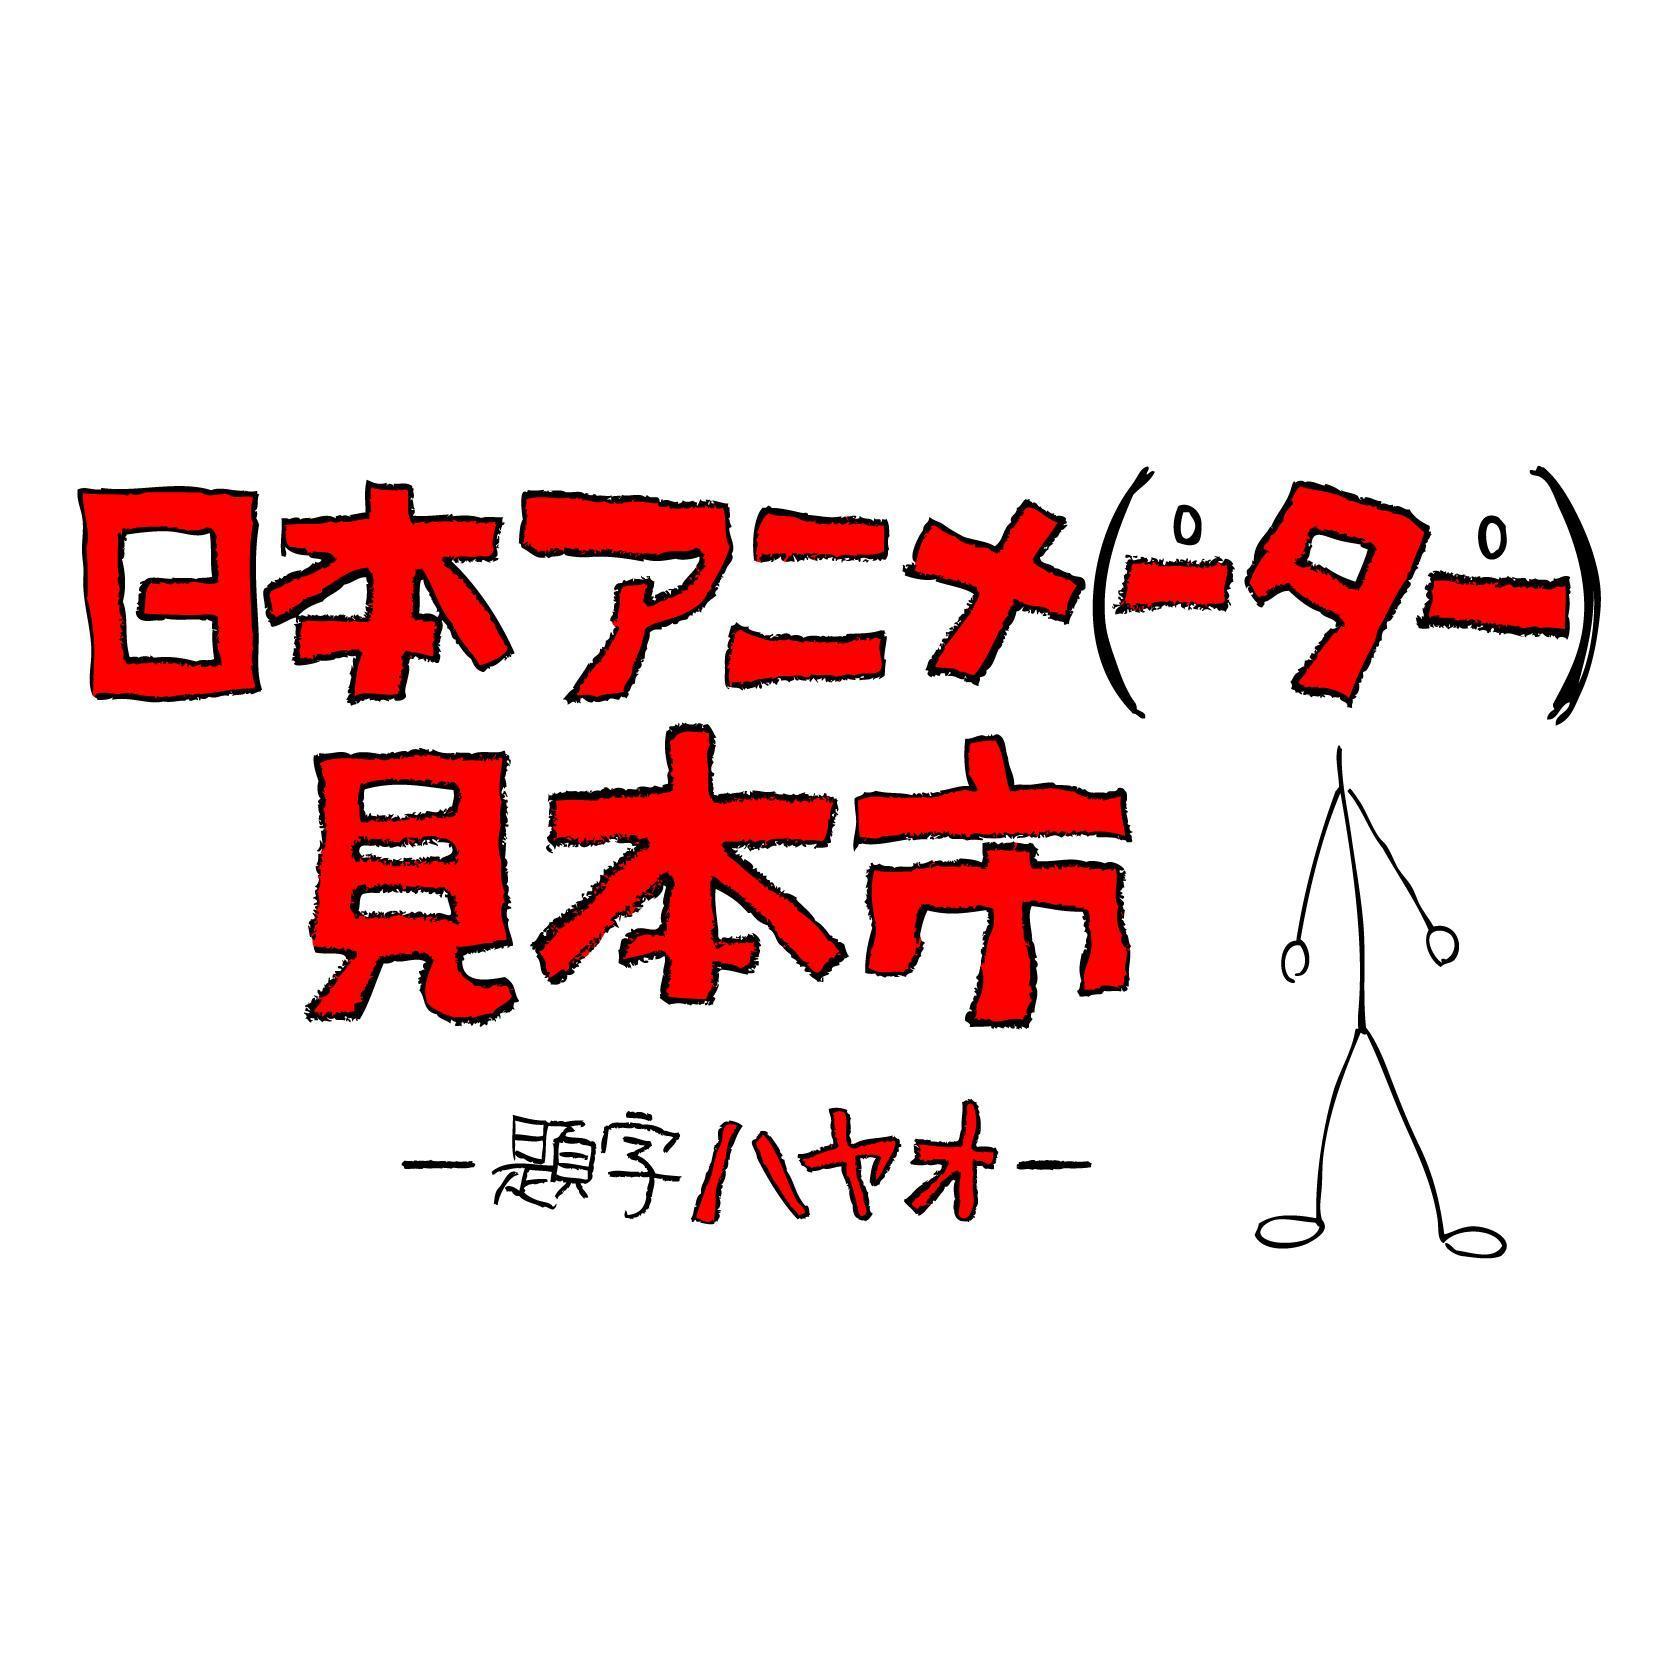 日本アニメ(ーター)見本市 (@animatorexpo) | Twitter